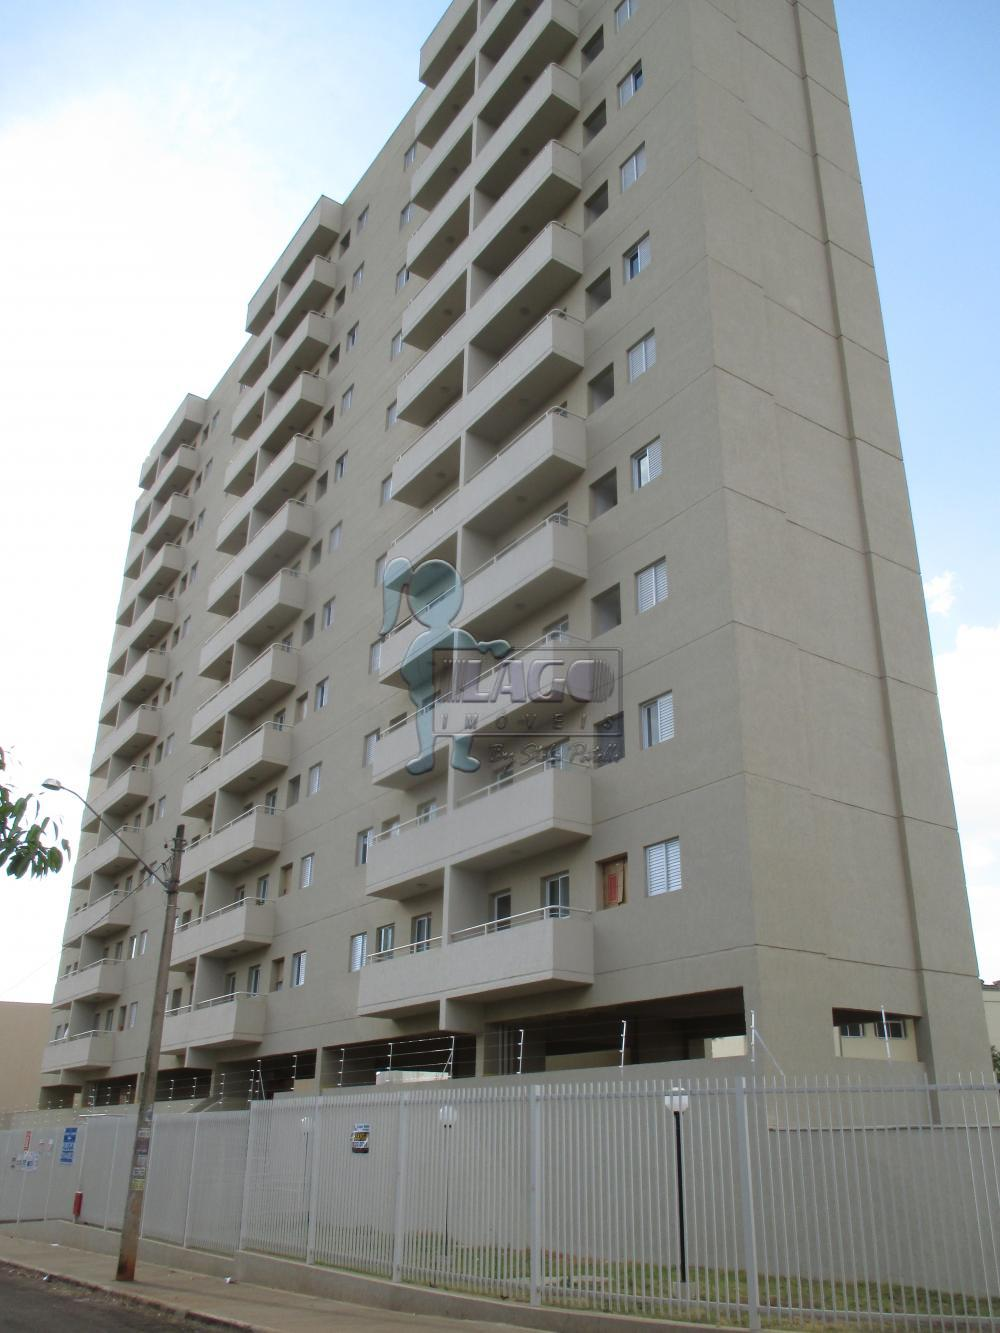 Comprar Apartamento / Padrão em Ribeirão Preto apenas R$ 190.000,00 - Foto 1